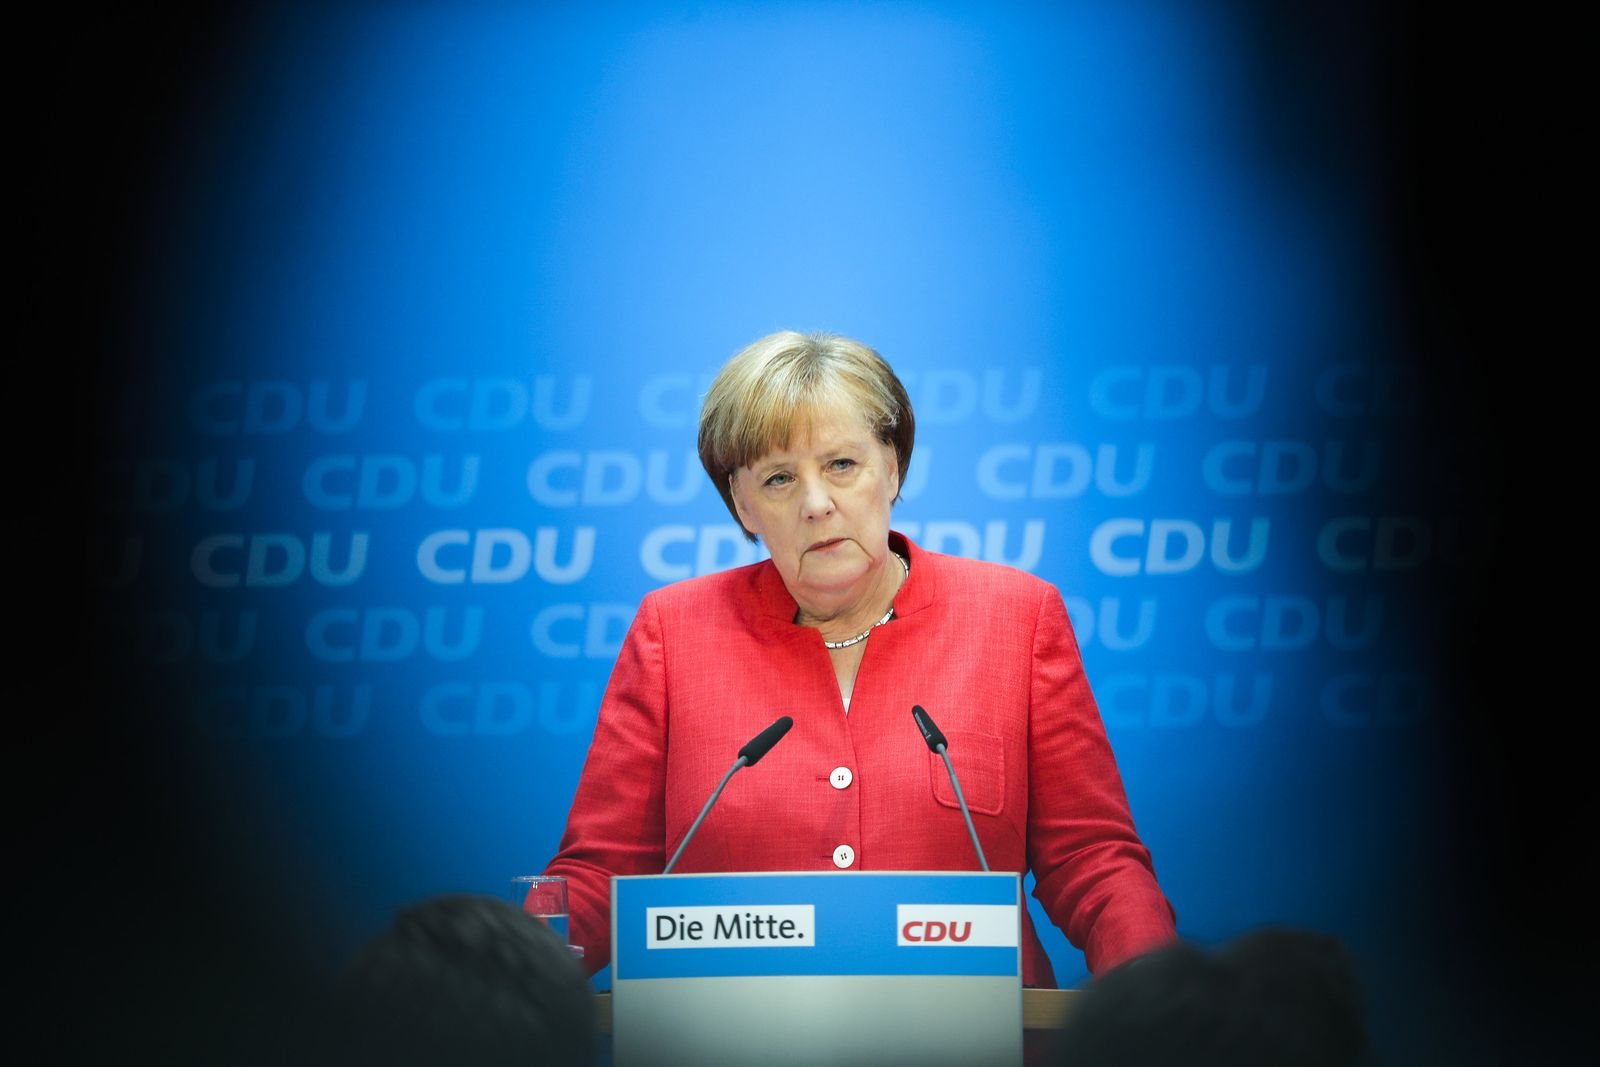 Merkel/ Trempo raus